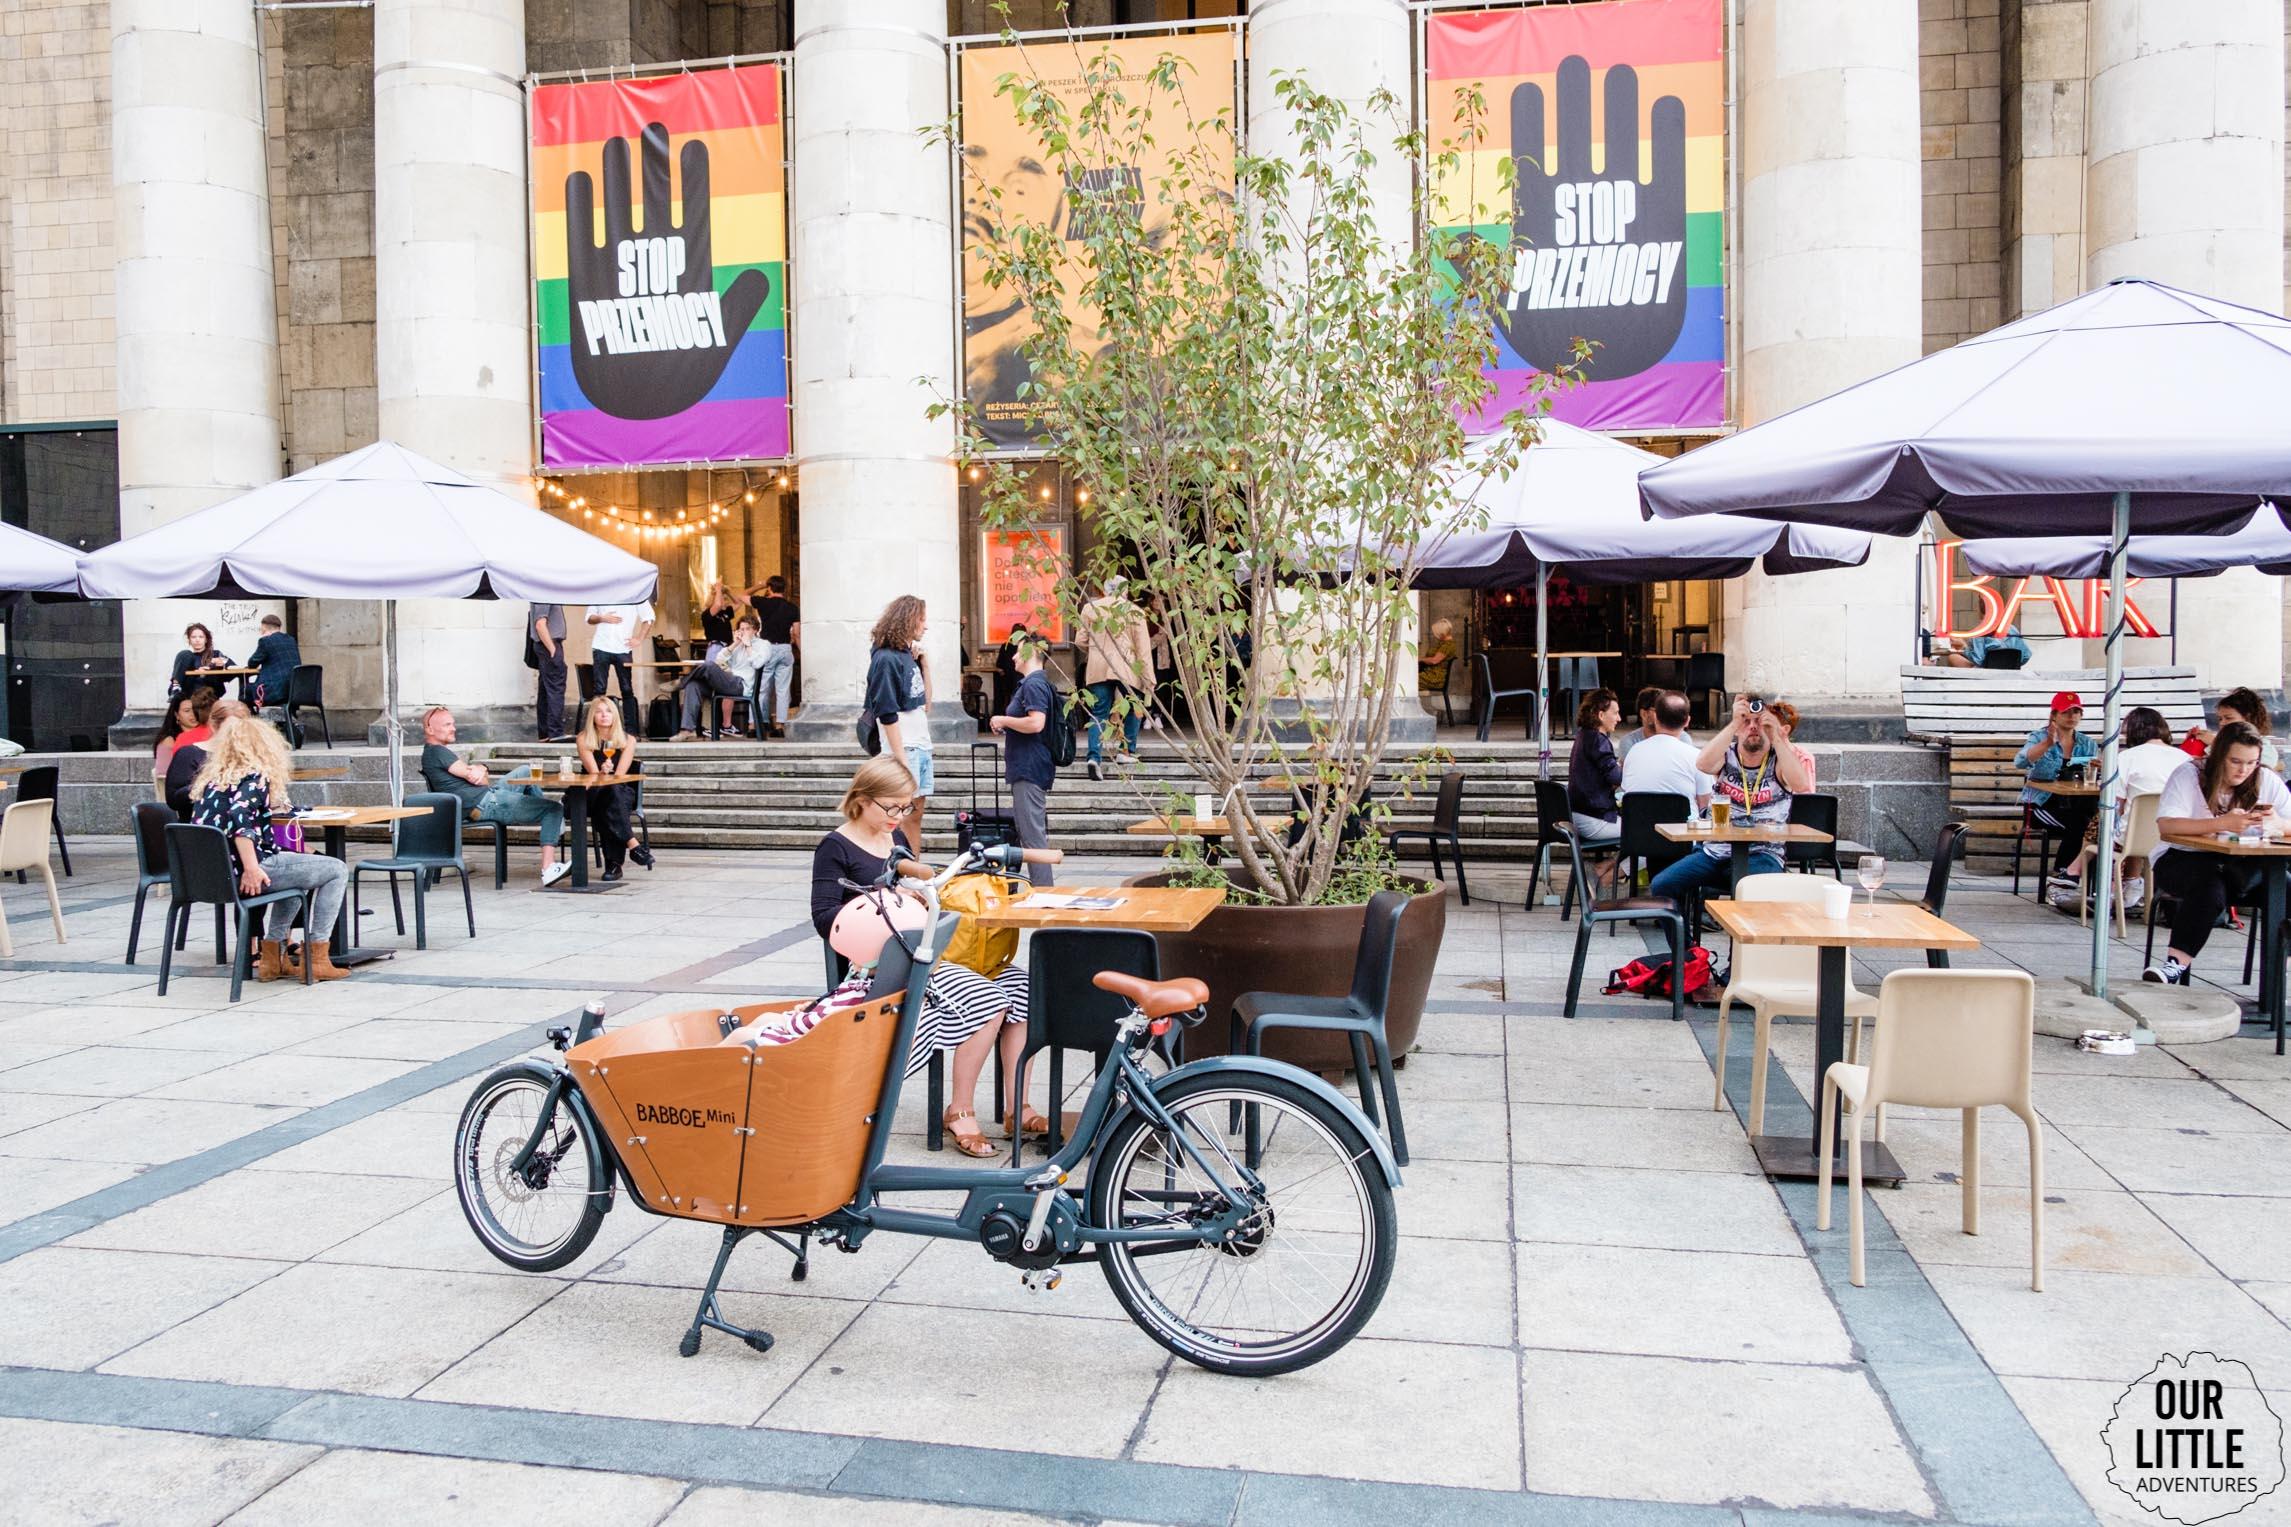 Karolina na rowerze Babboe Mini w centrum Warszawy